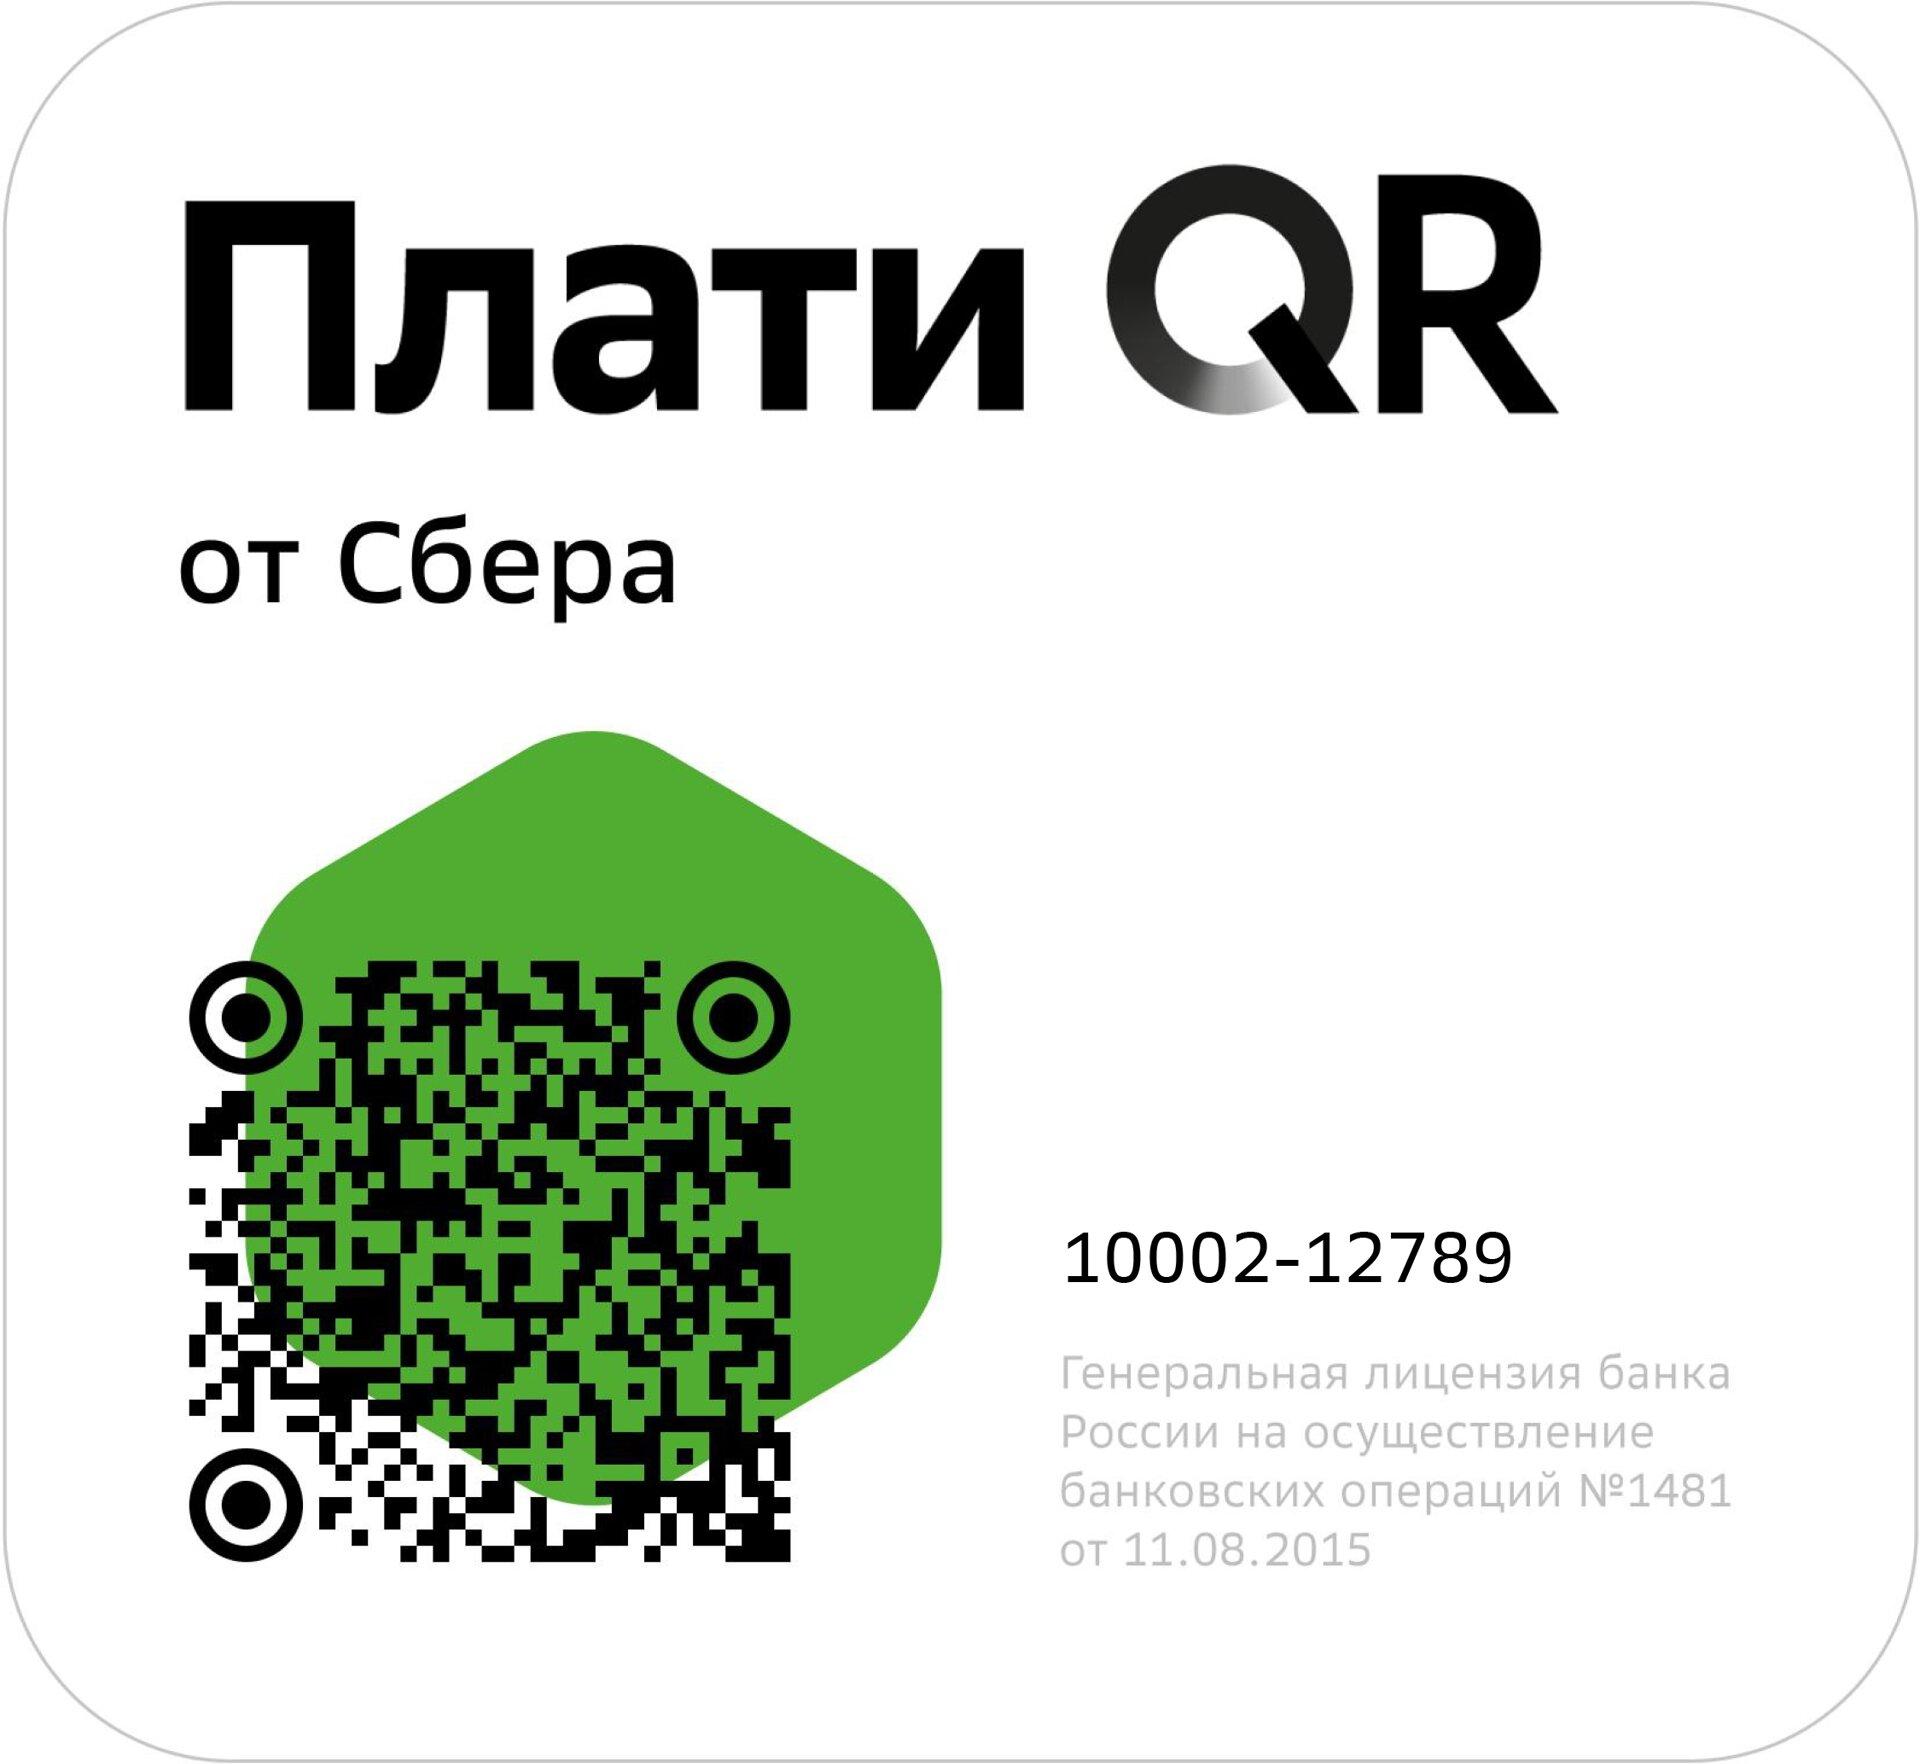 Оплата по QR-коду - фото pic_2fe2f16cfce816ba7f24650ab84bfe4e_1920x9000_1.jpg